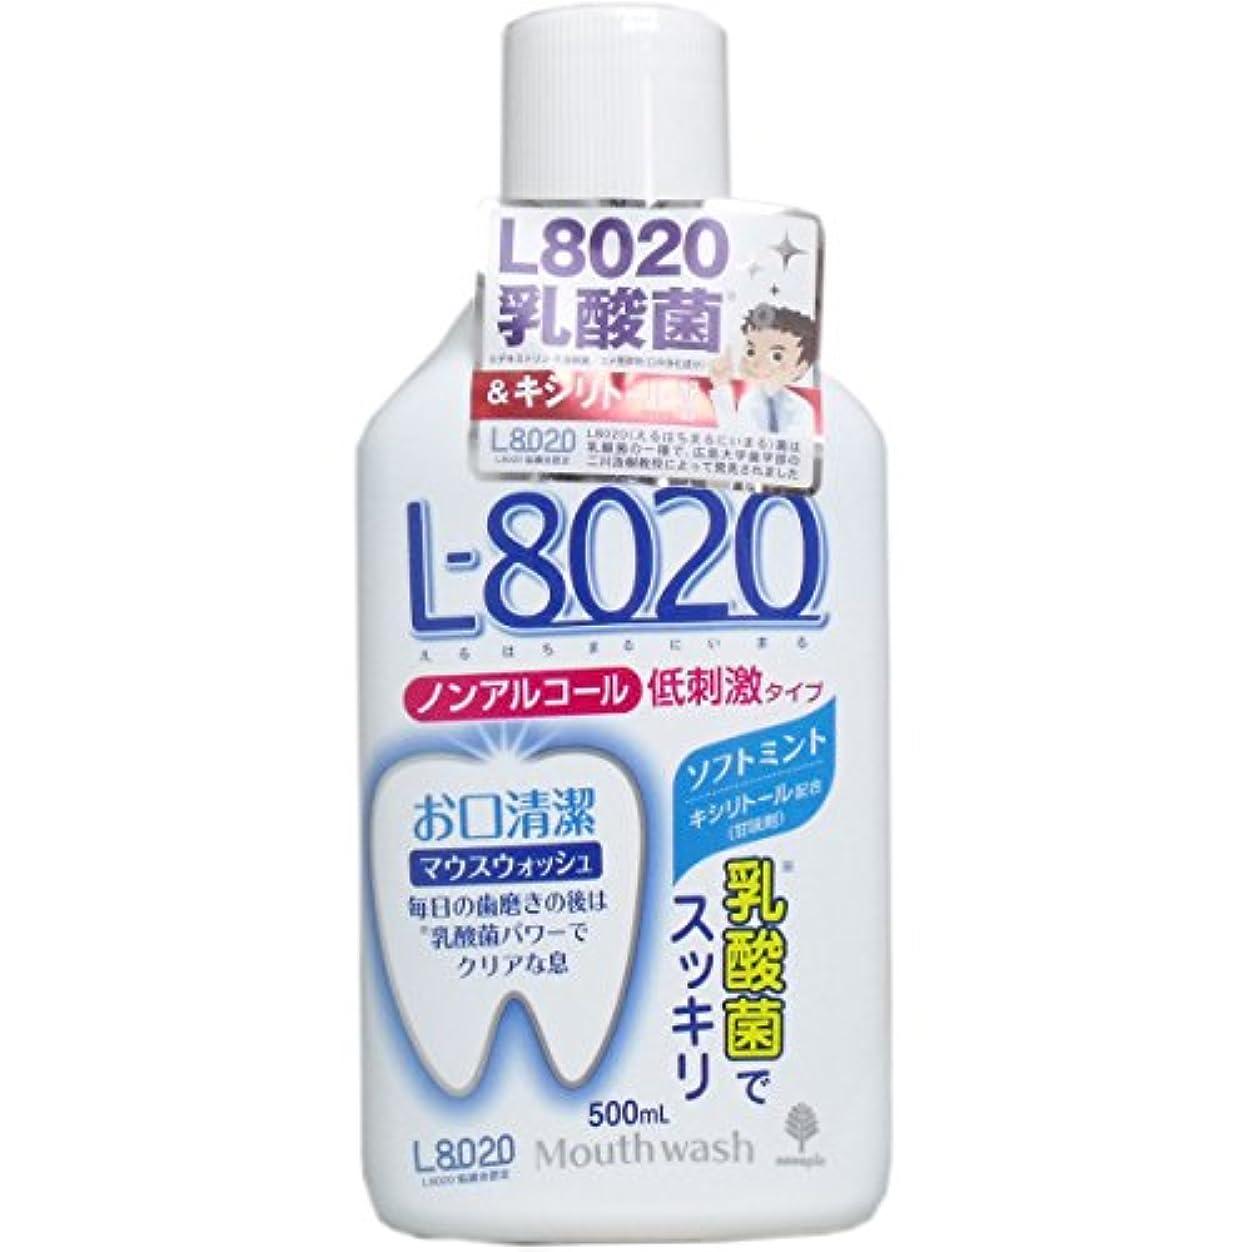 紀陽除虫菊 マウスウォッシュ クチュッペL-8020 ソフトミント(ノンアルコール) 500ml … (10個)